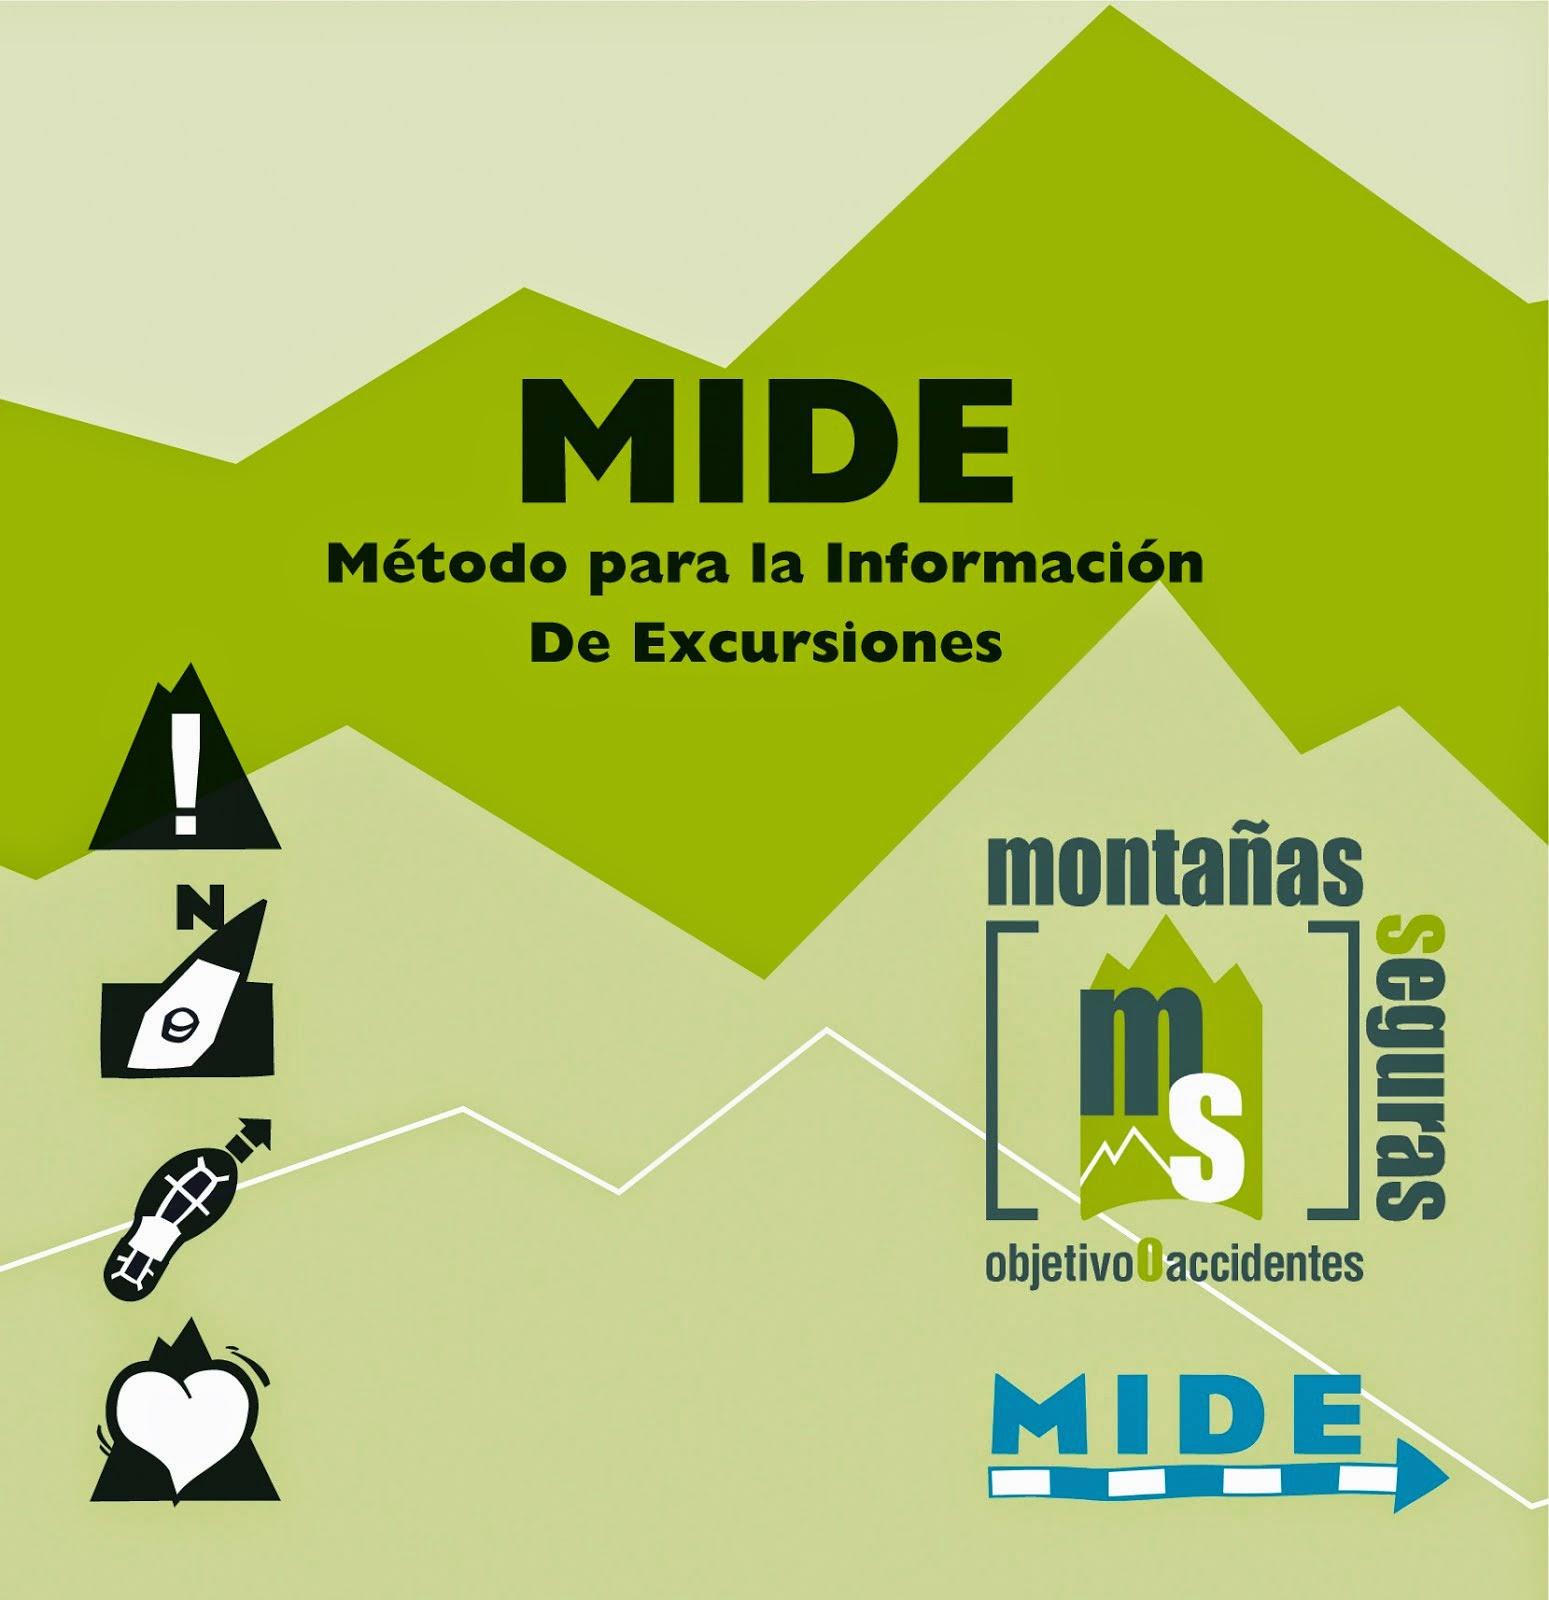 M.I.D.E